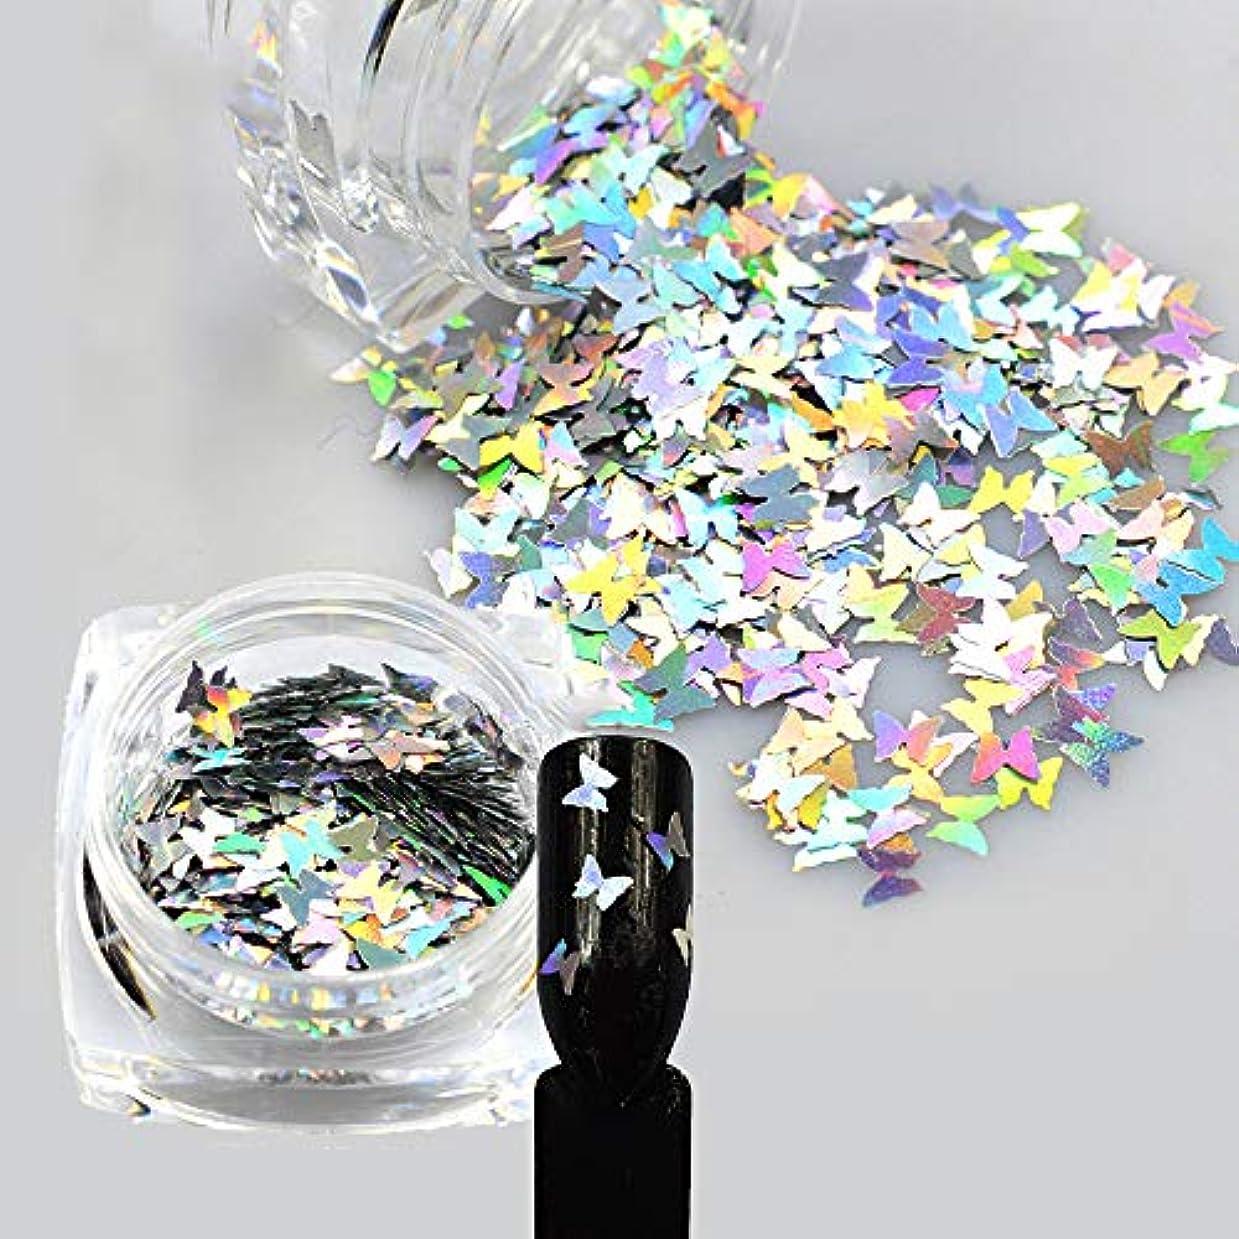 完璧愚か憤る1ピースレーザー光沢のあるダイヤモンドラウンド超薄型スパンコールネイルアートキラキラのヒントUVジェル3DバタフライスパンコールレーザーマジックシルバーバタフライスパンコールネイルデコレーションマニキュアDIYアクセサリー